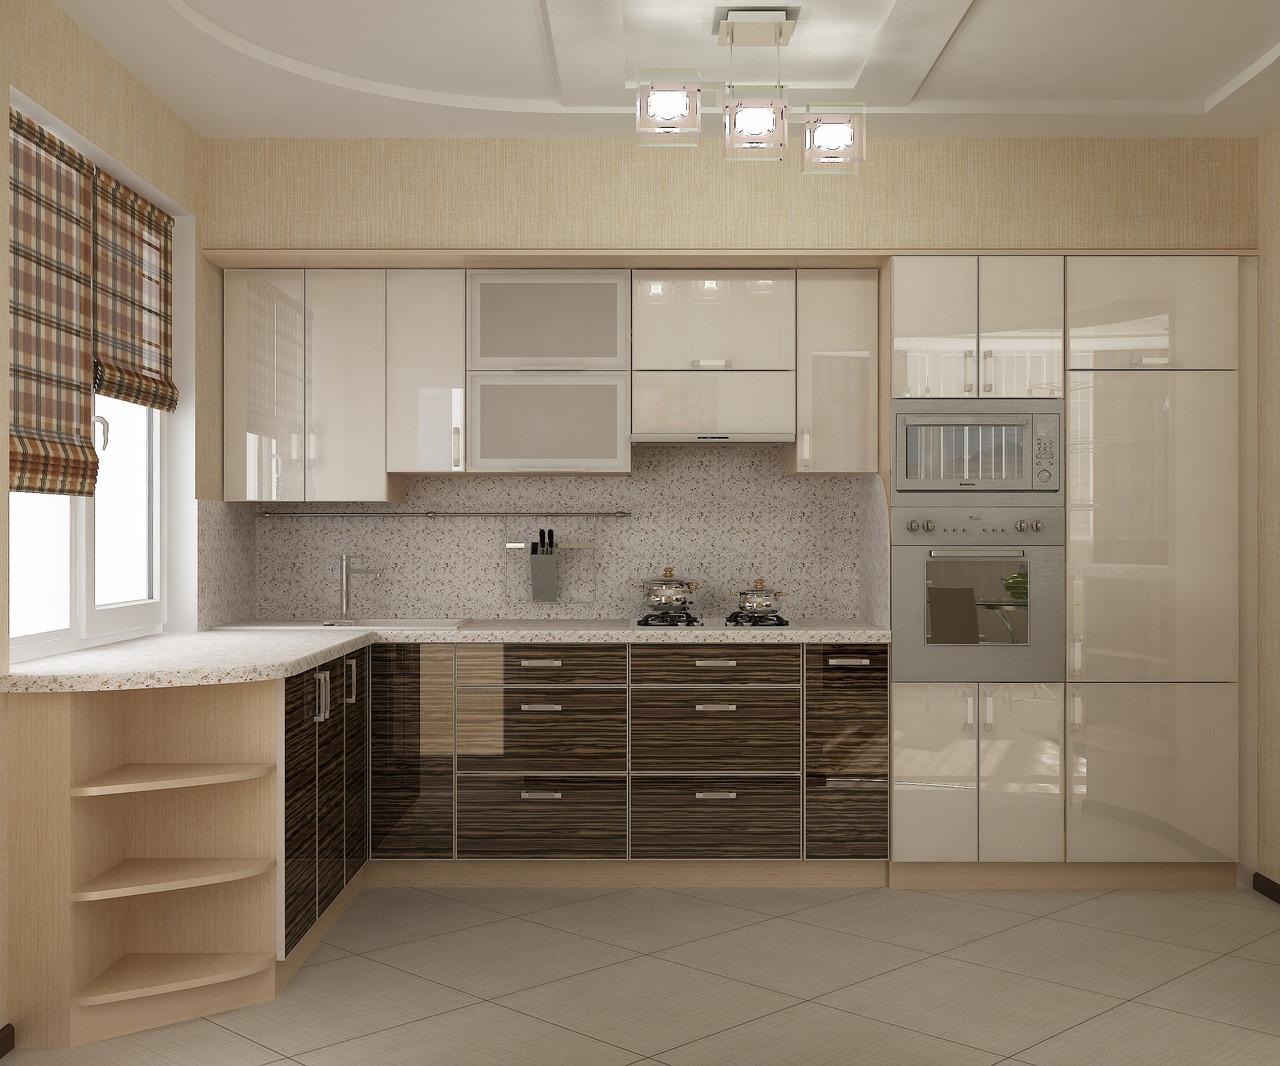 Кухня з фасадами радіусними